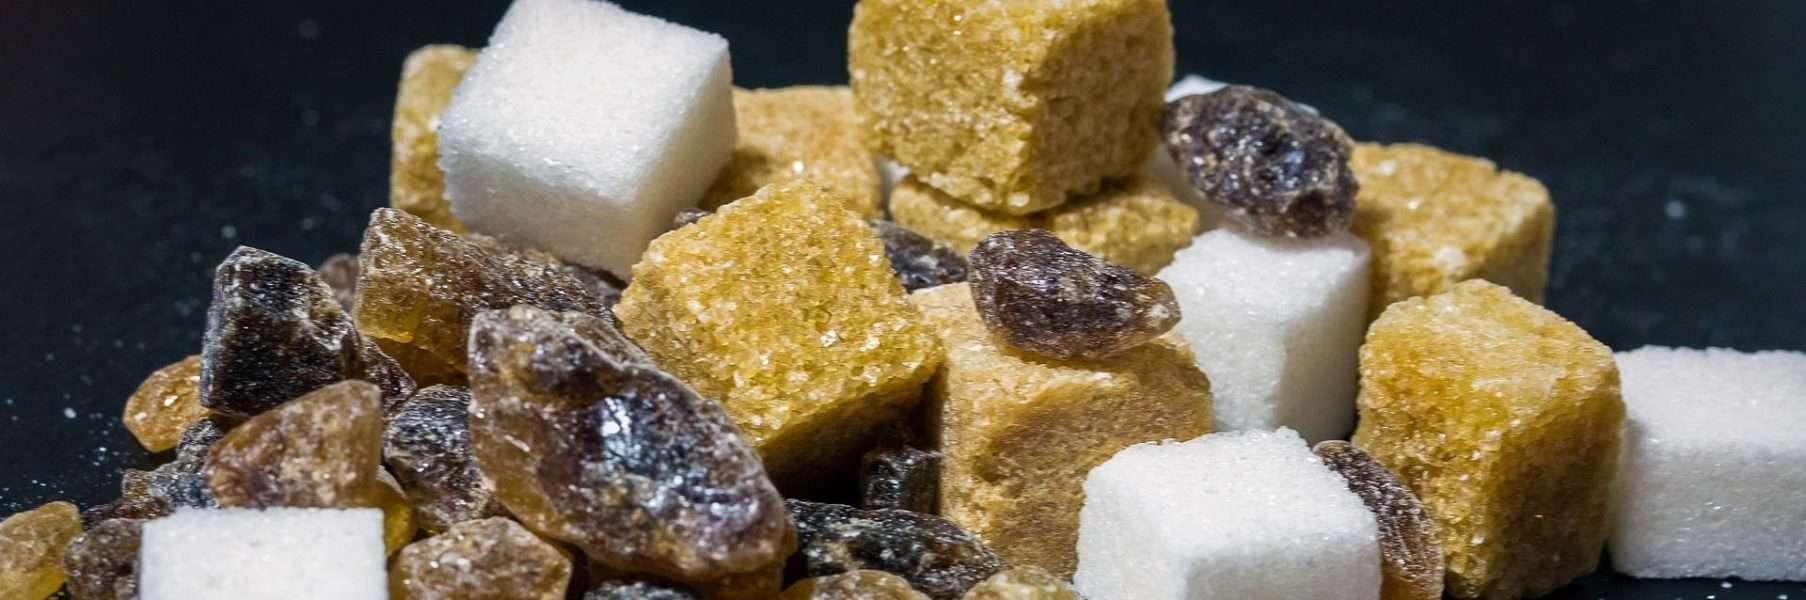 sugar cubes brown white raw